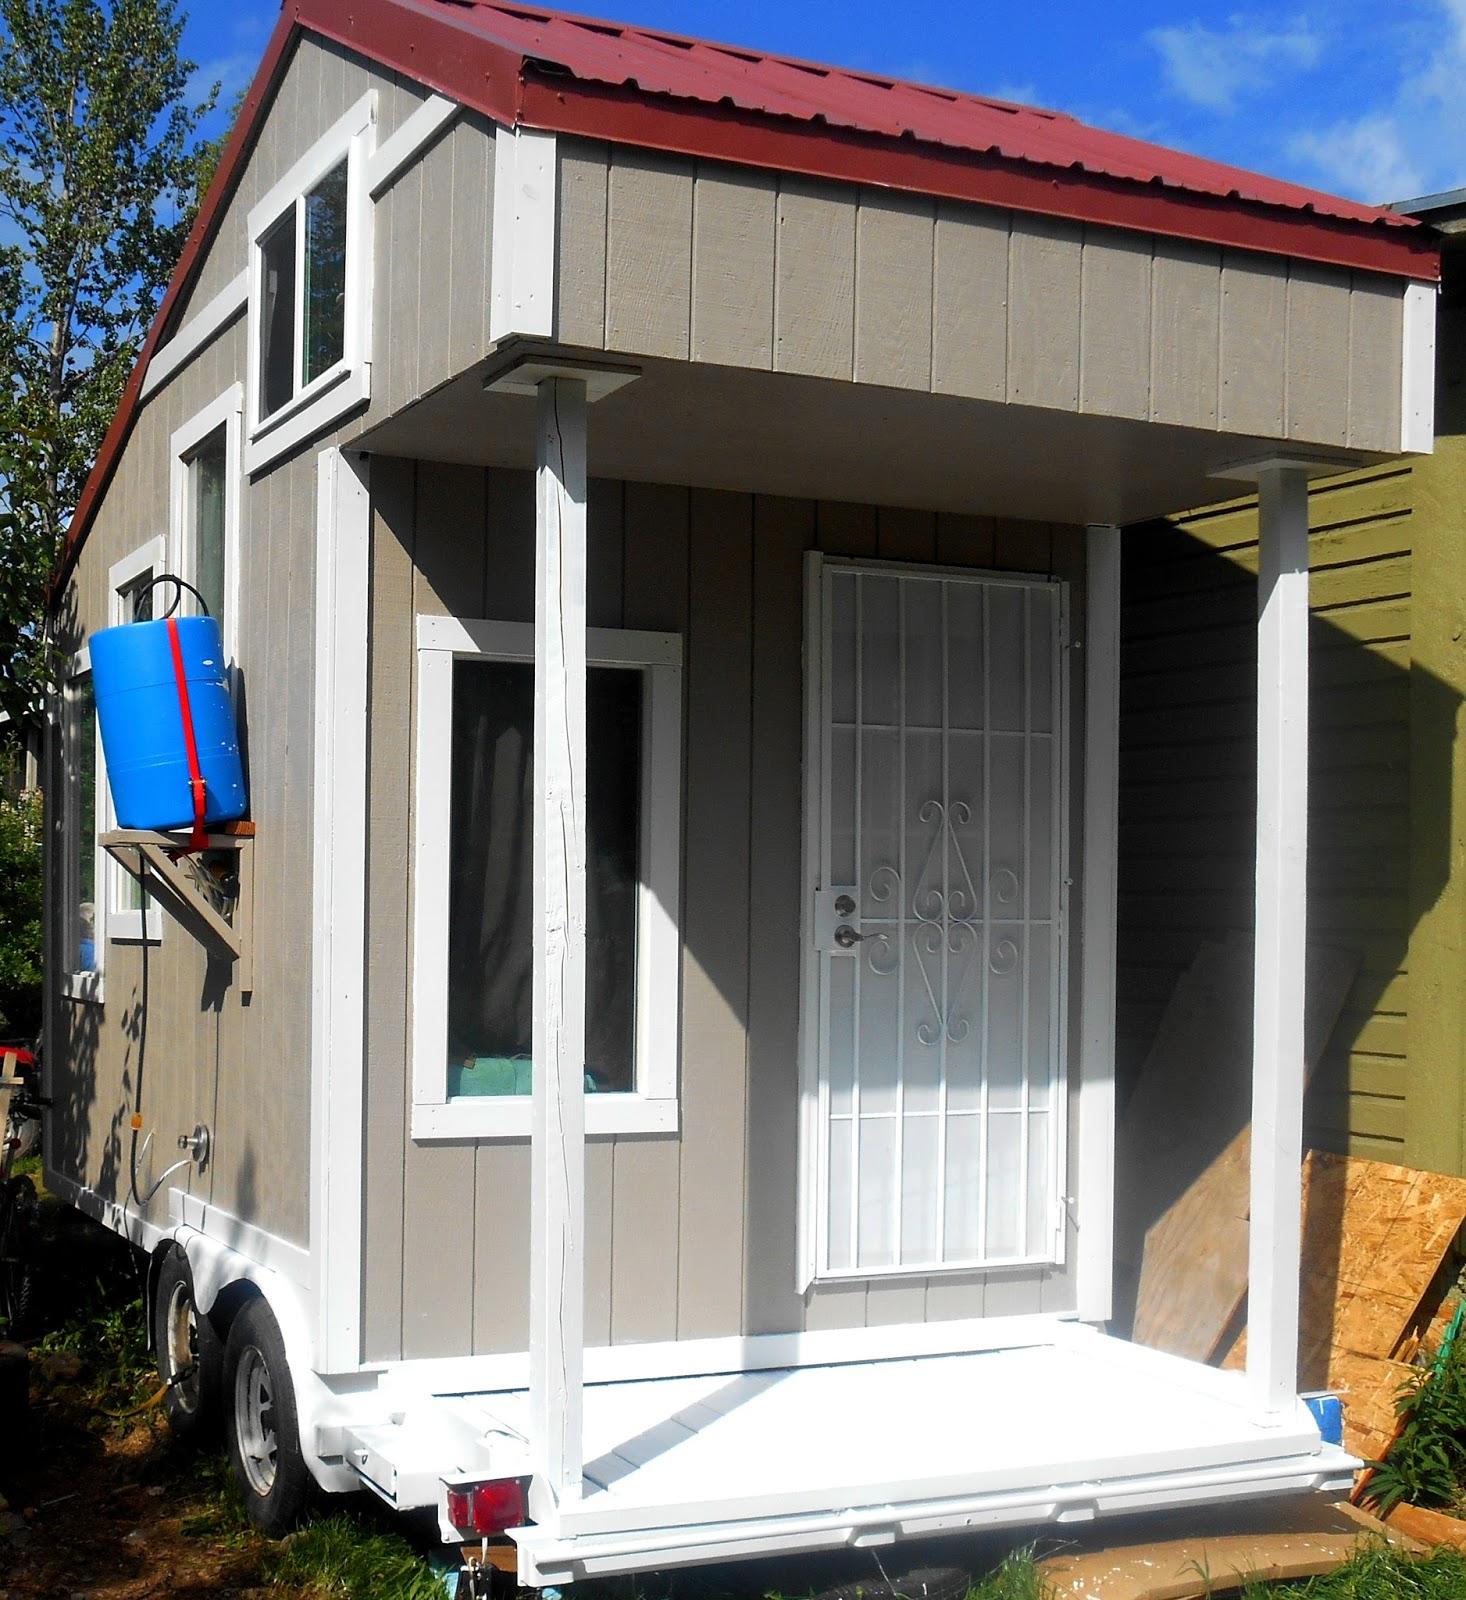 The Tiny House Wife An Urban Homestead Blog How to Build a Tiny